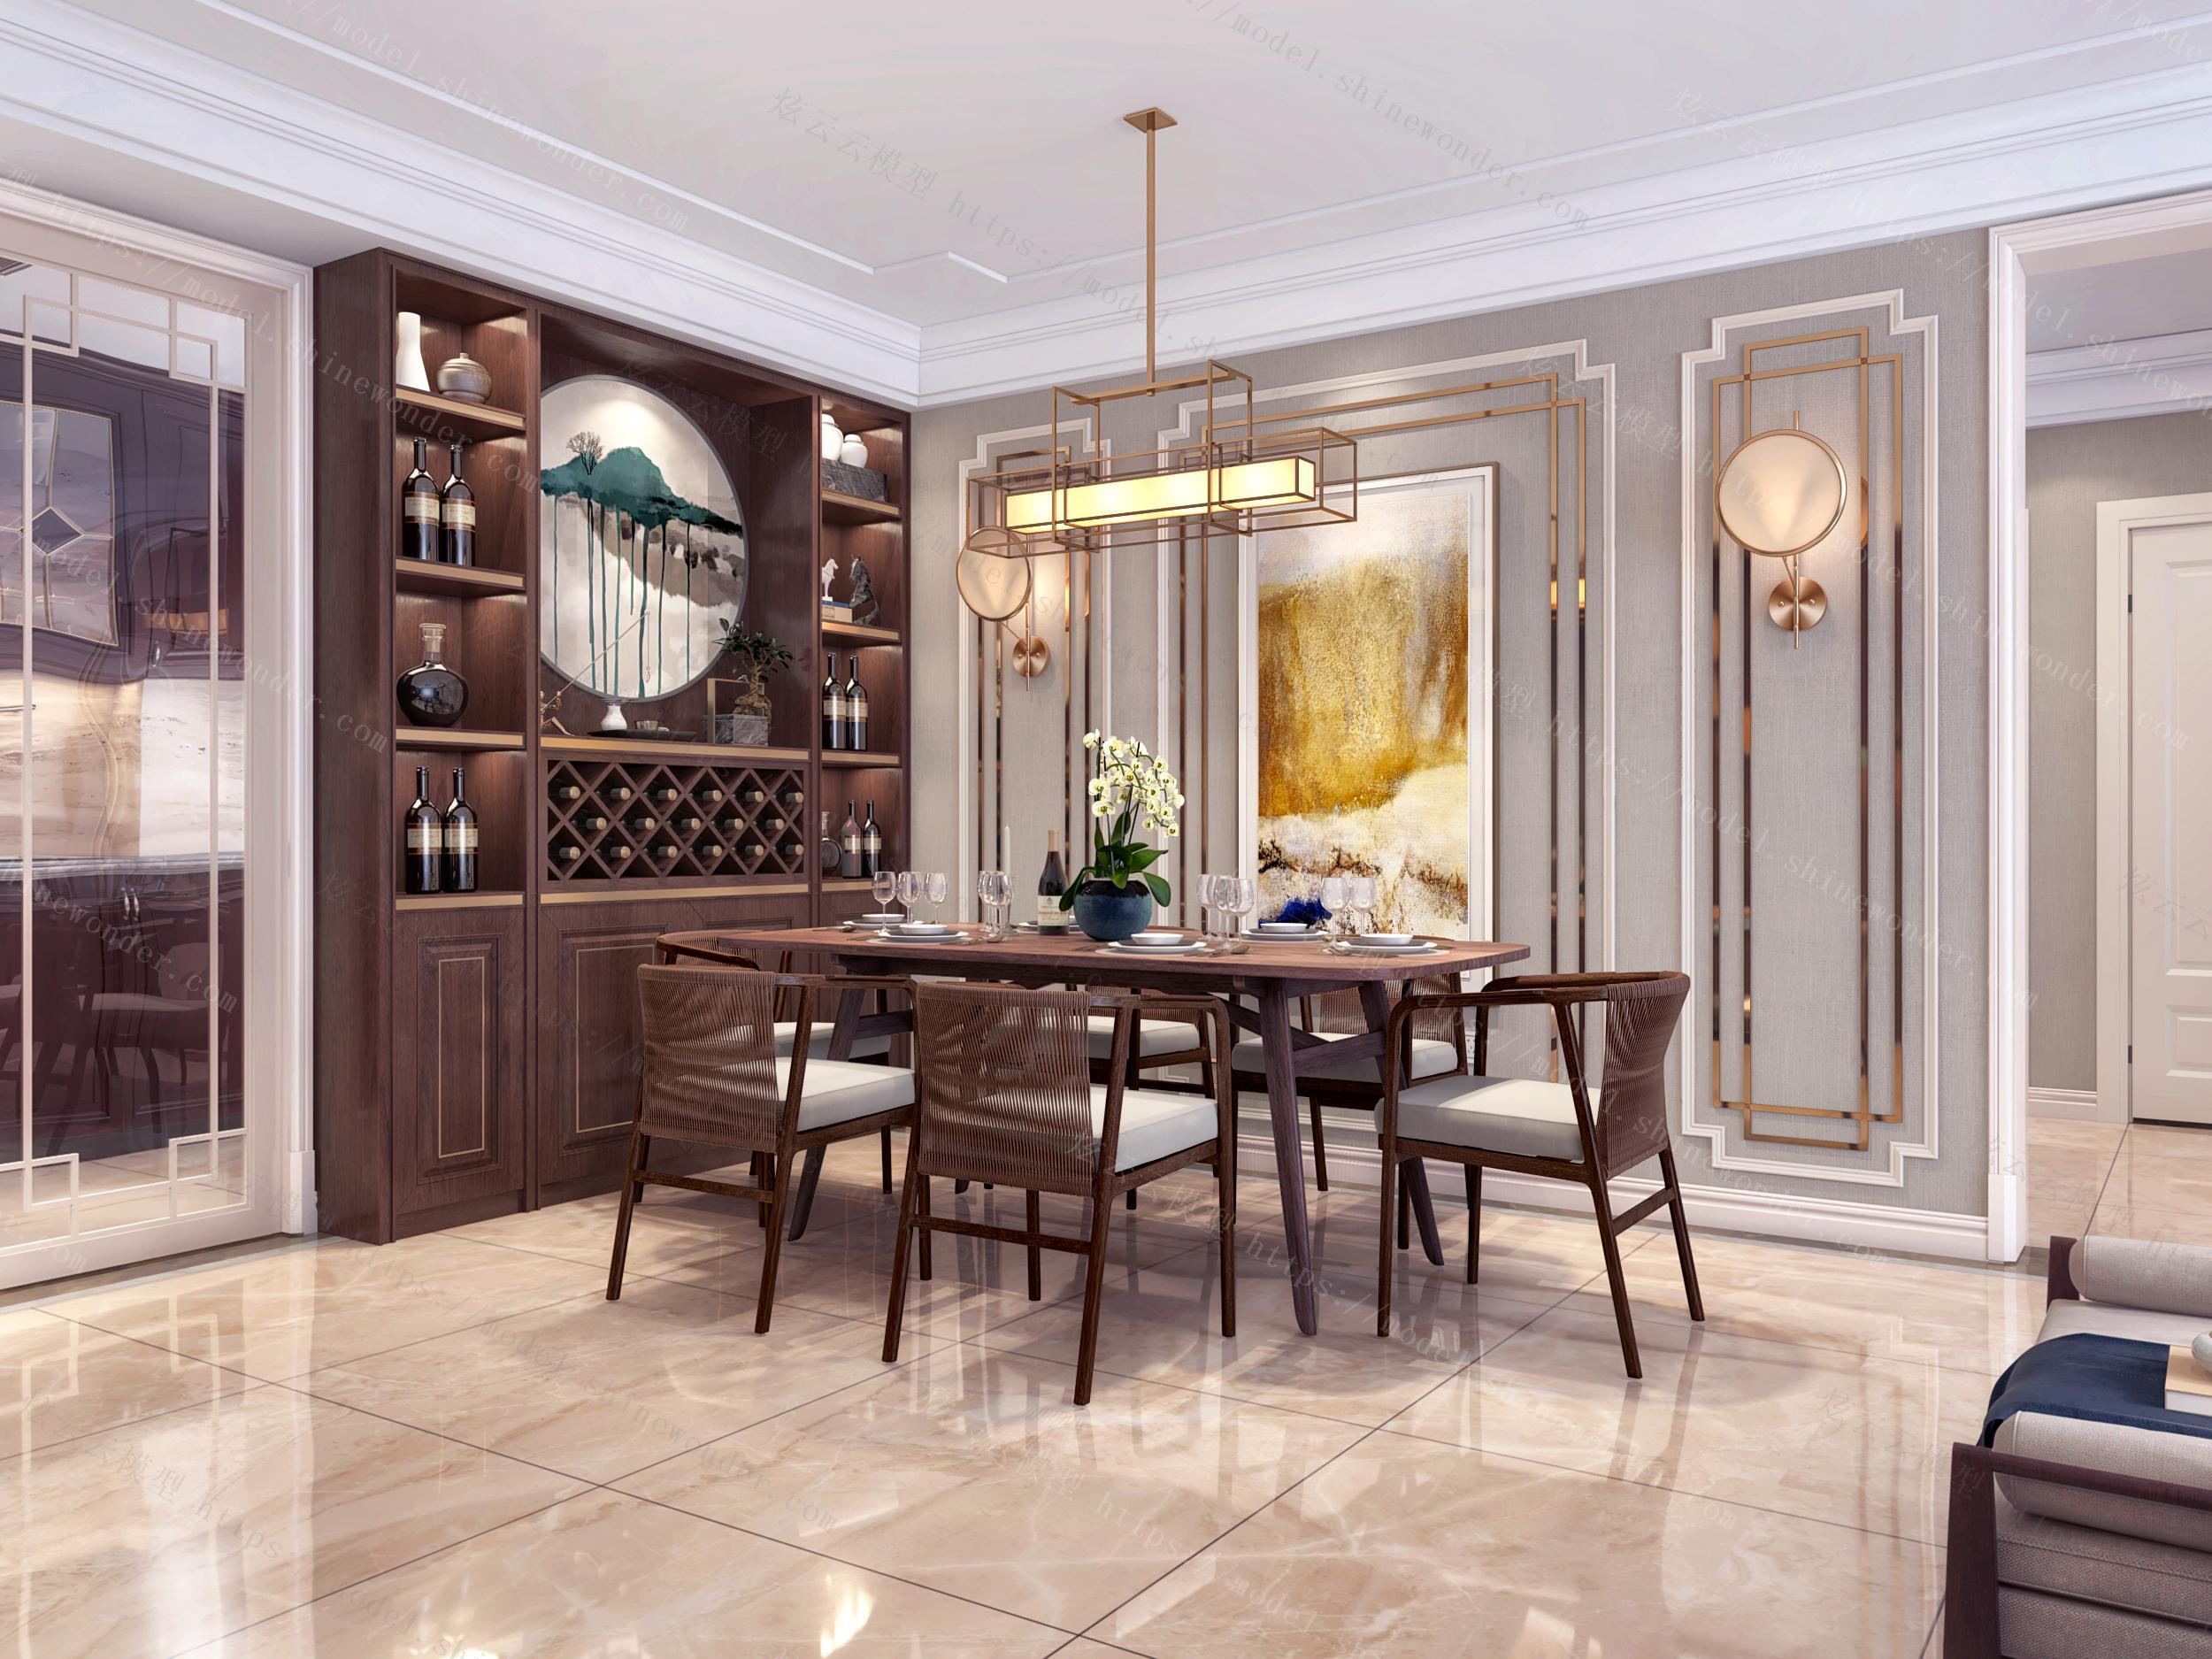 现代新中式客餐厅厨房模型